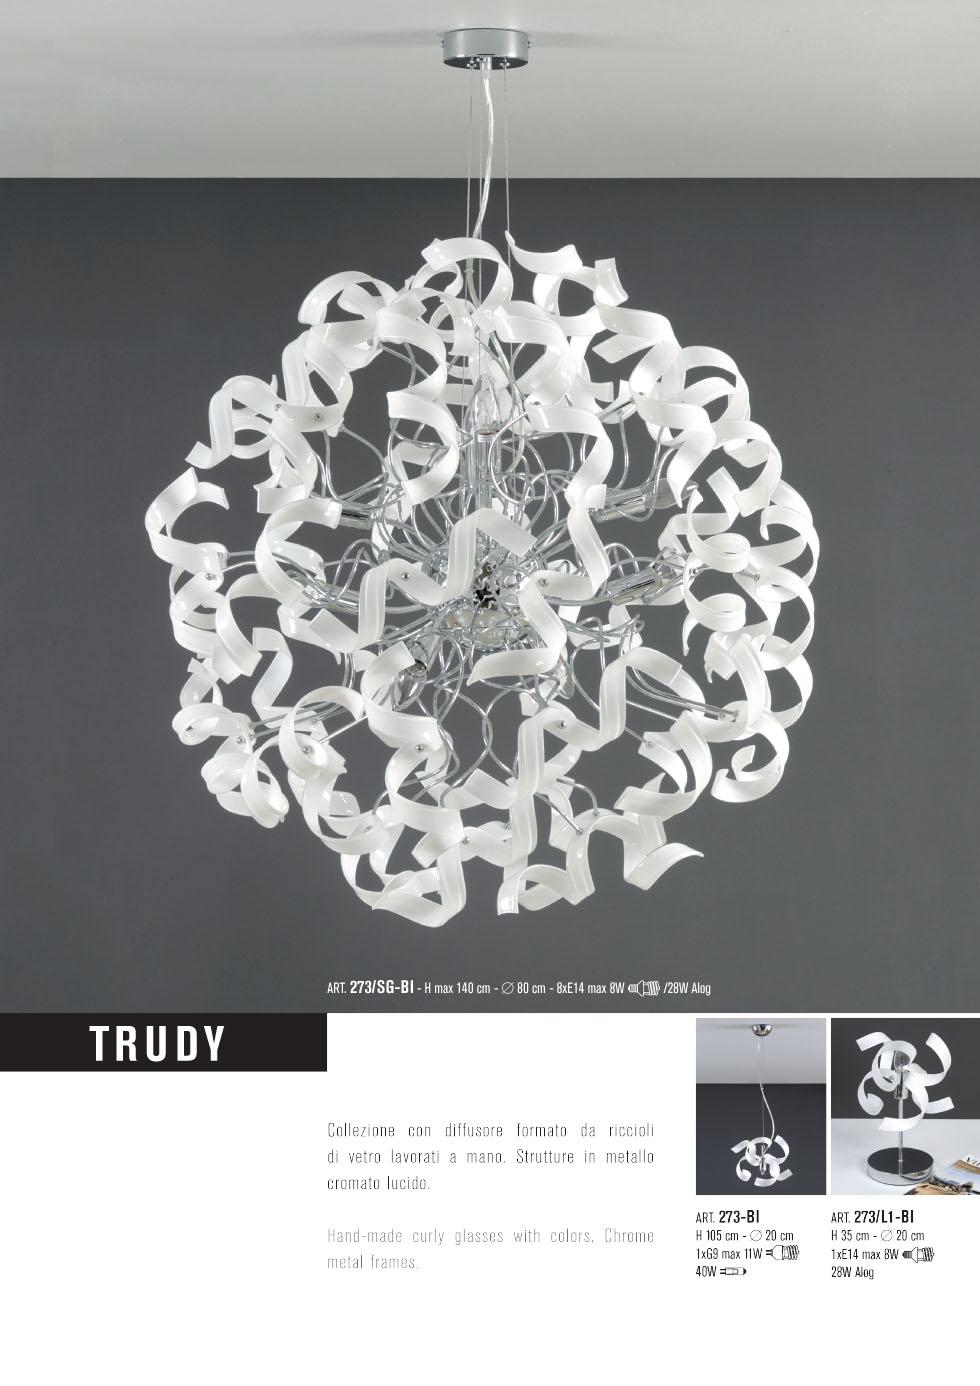 perenz lampadari : notali lampadari, vendita di lampadari, applique e soluzione di ...